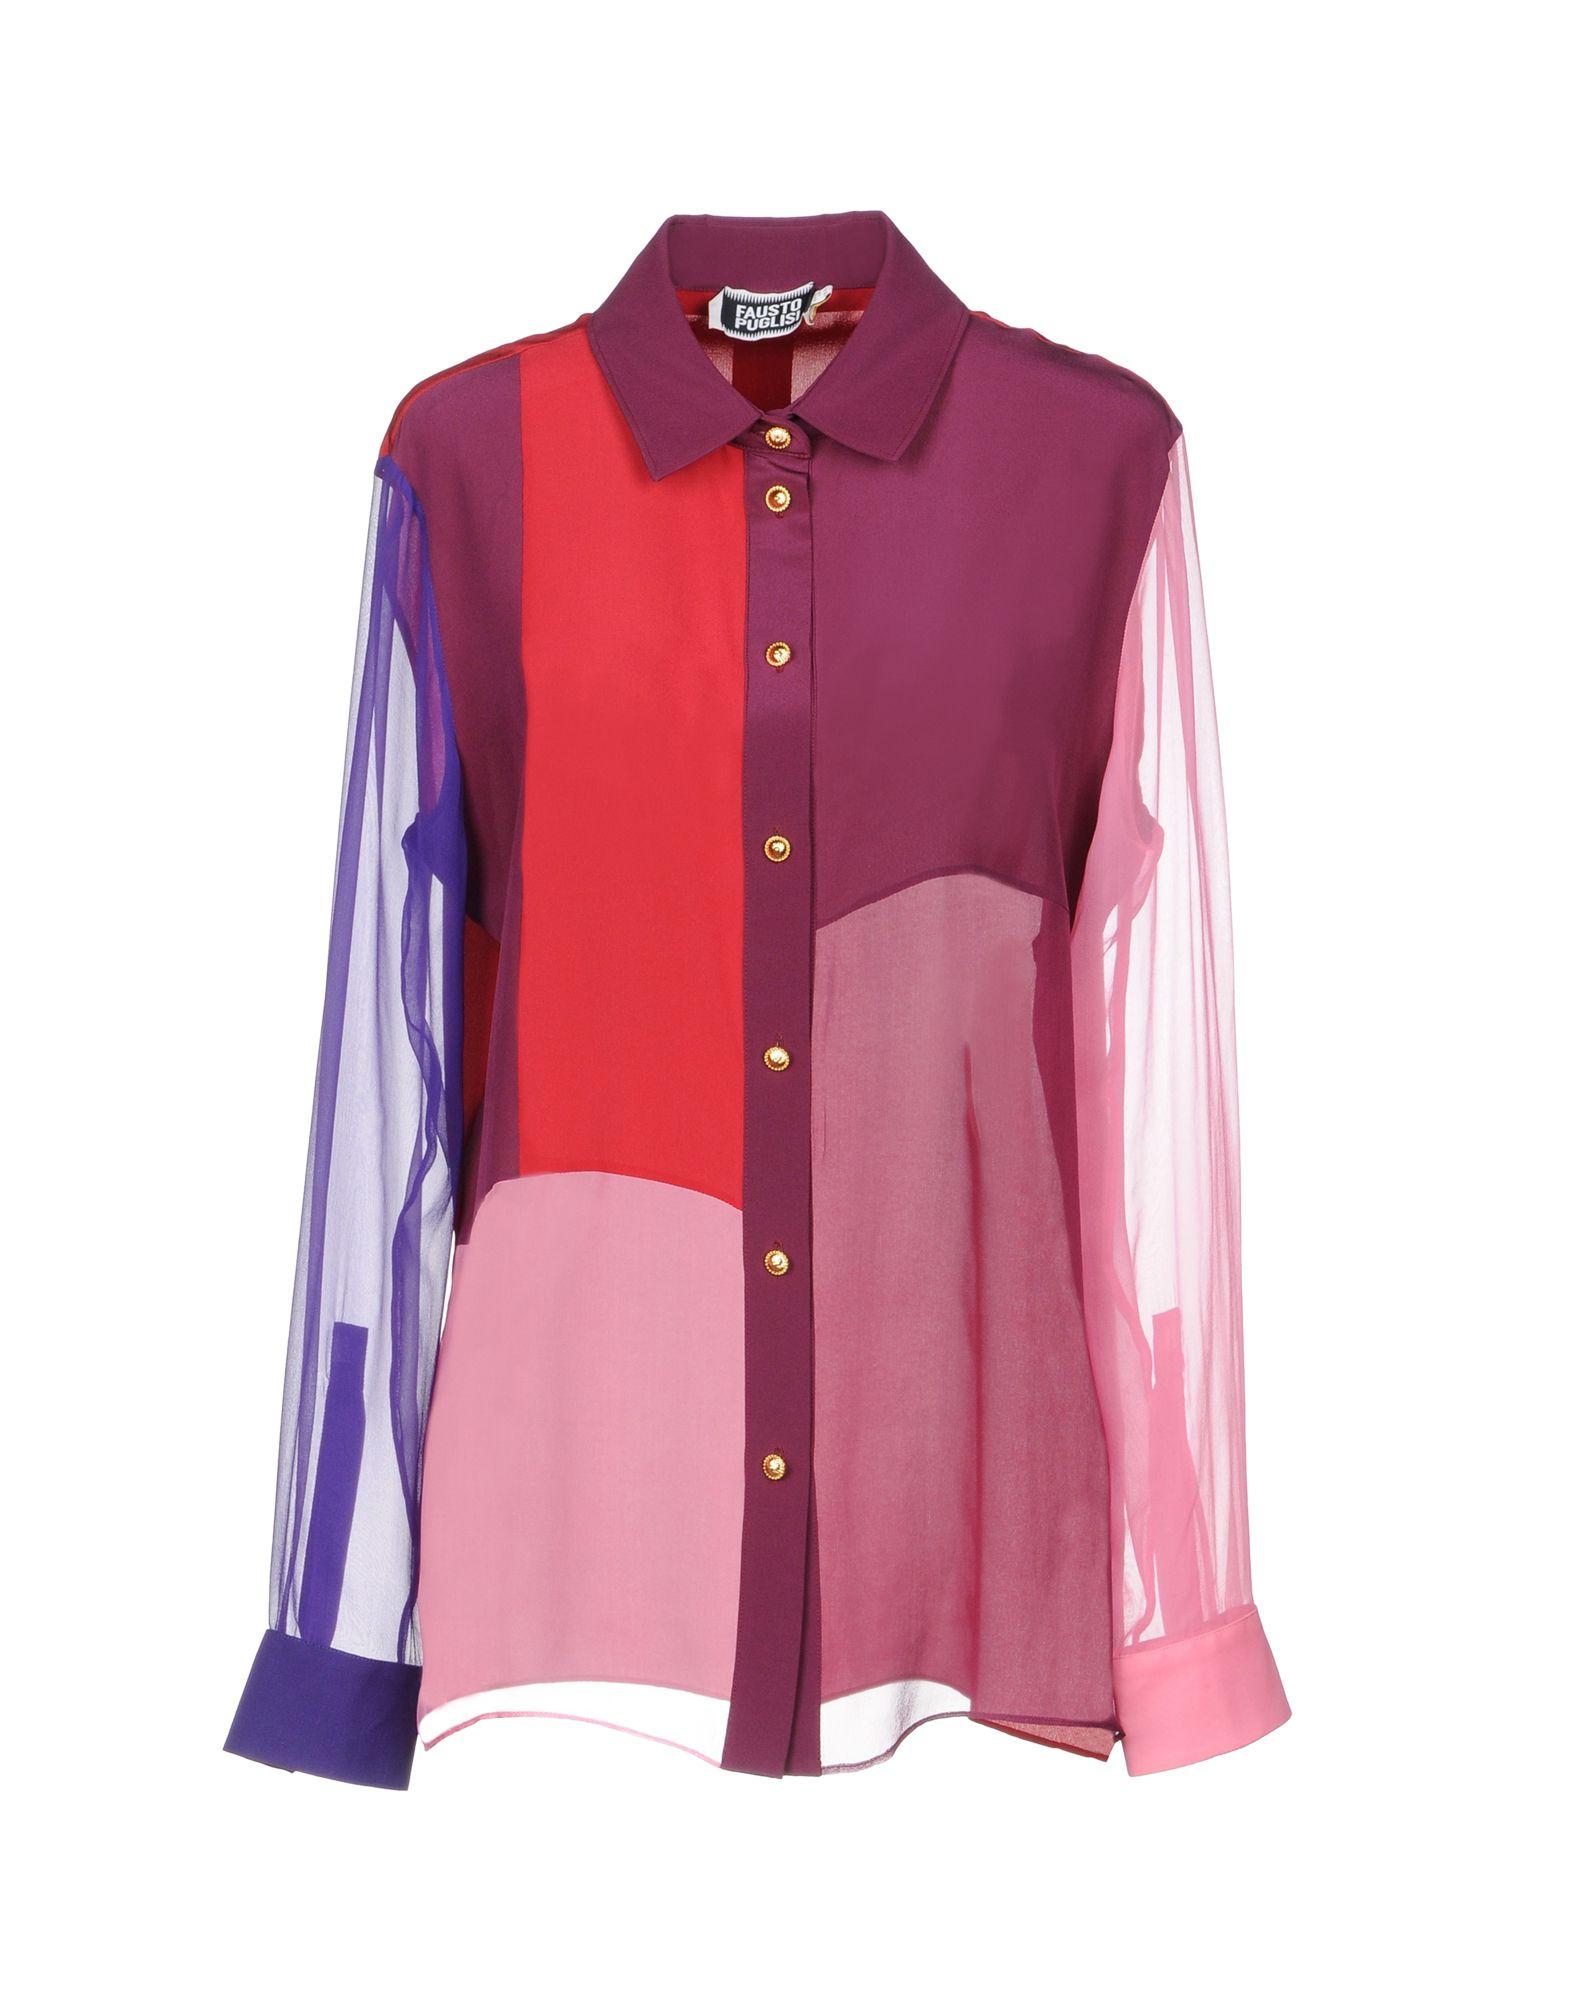 Camicie E Bluse Fantasia Fausto Puglisi Donna - Acquista online su 62bG26